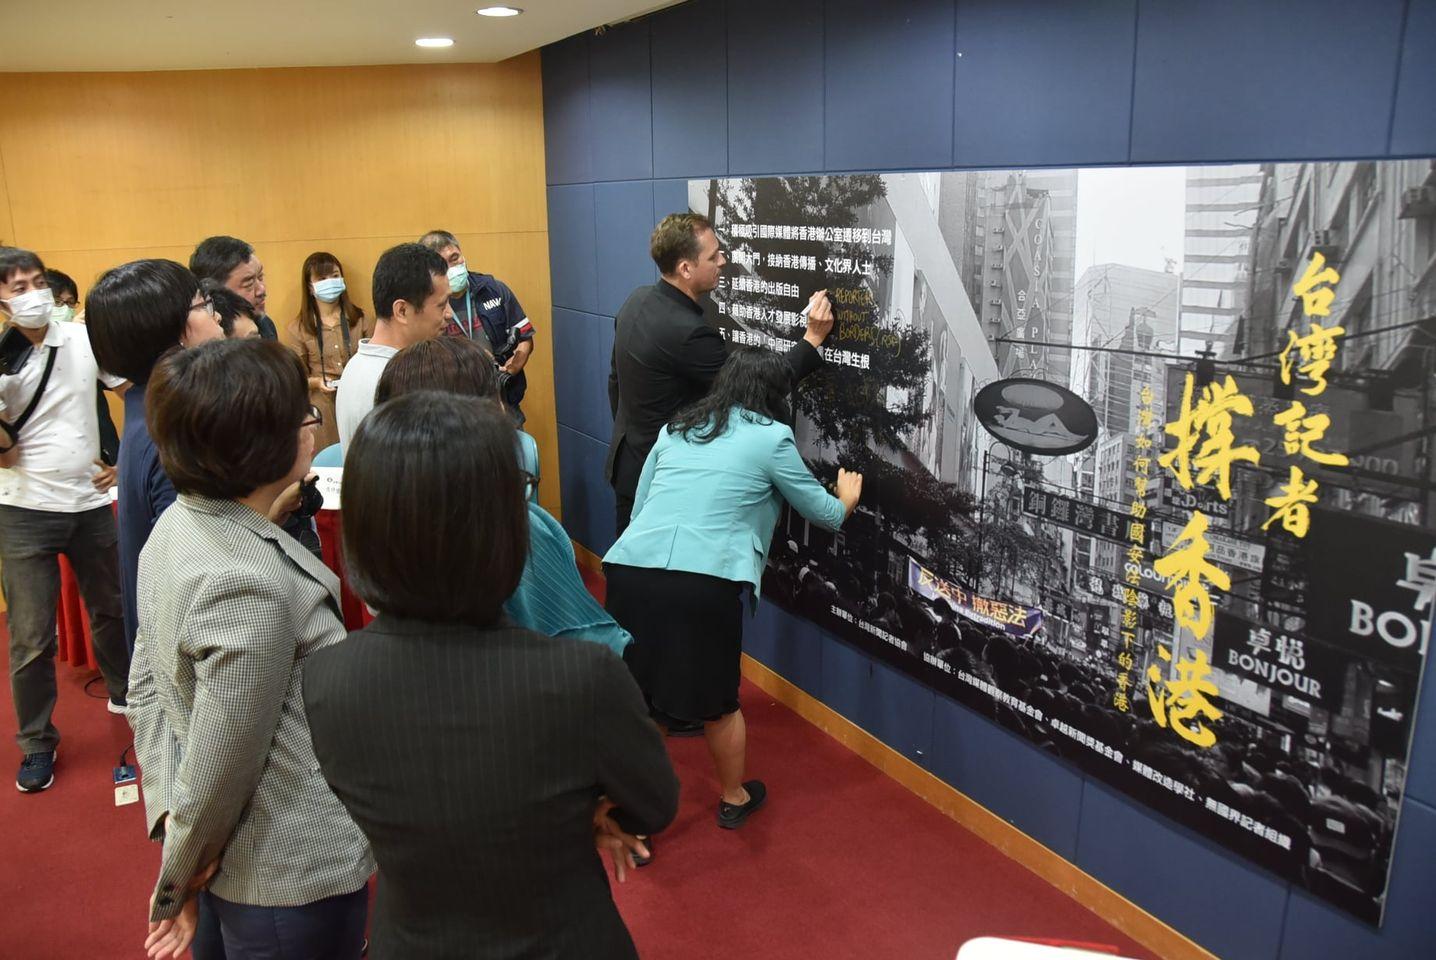 「台灣記者撐香港-台灣如何幫助國安法陰影下的香港」活動中,與會代表紛紛留下簽名,呼籲台灣政府正視香港問題,不要作壁上觀。(台灣新聞記者協會Facebook)